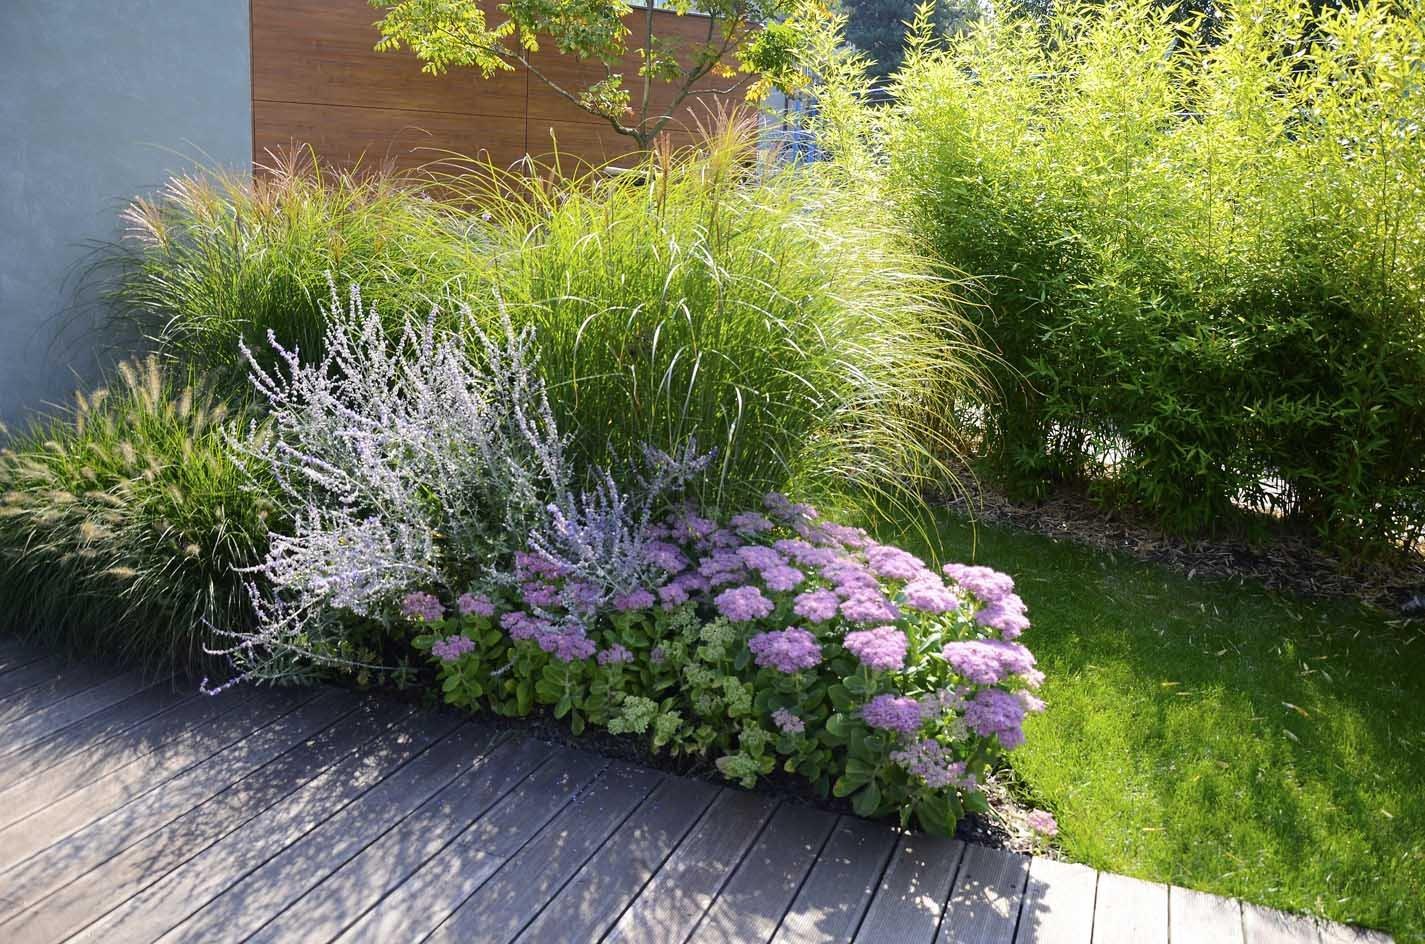 Zahrada - inspirace - Dochan, perovskie, rozchodníky, ozdobnice